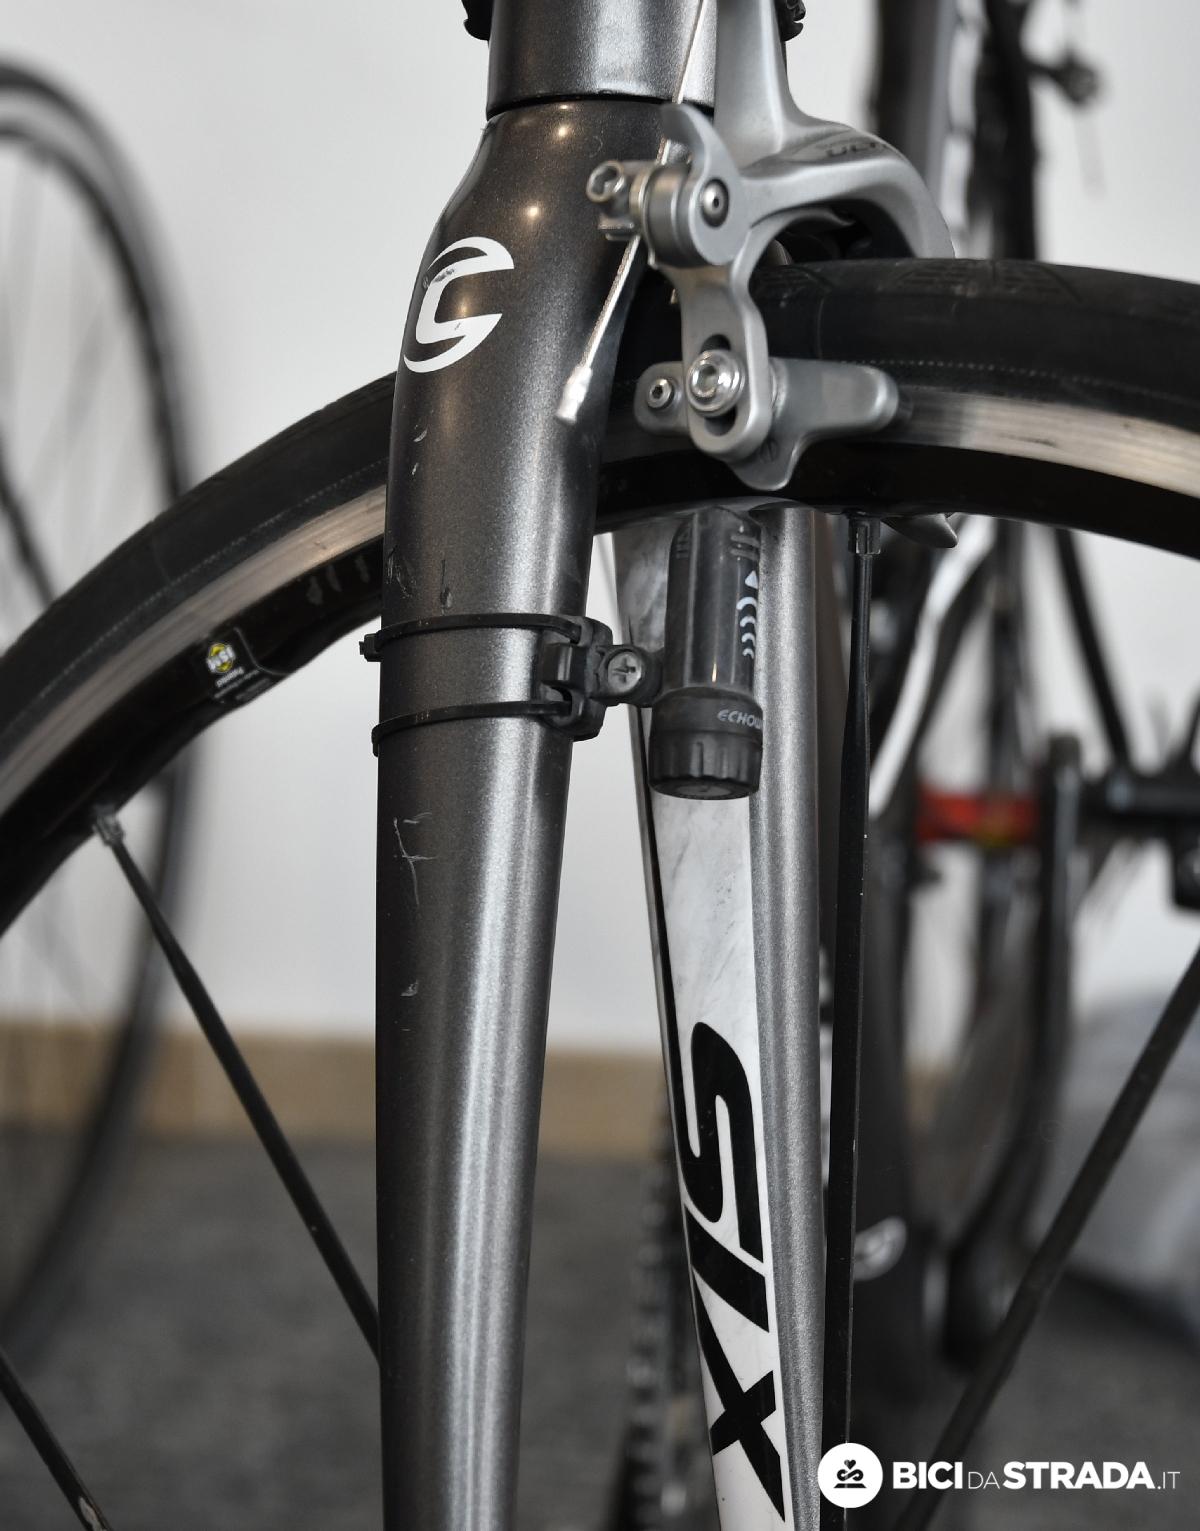 Acquistare una bici usata